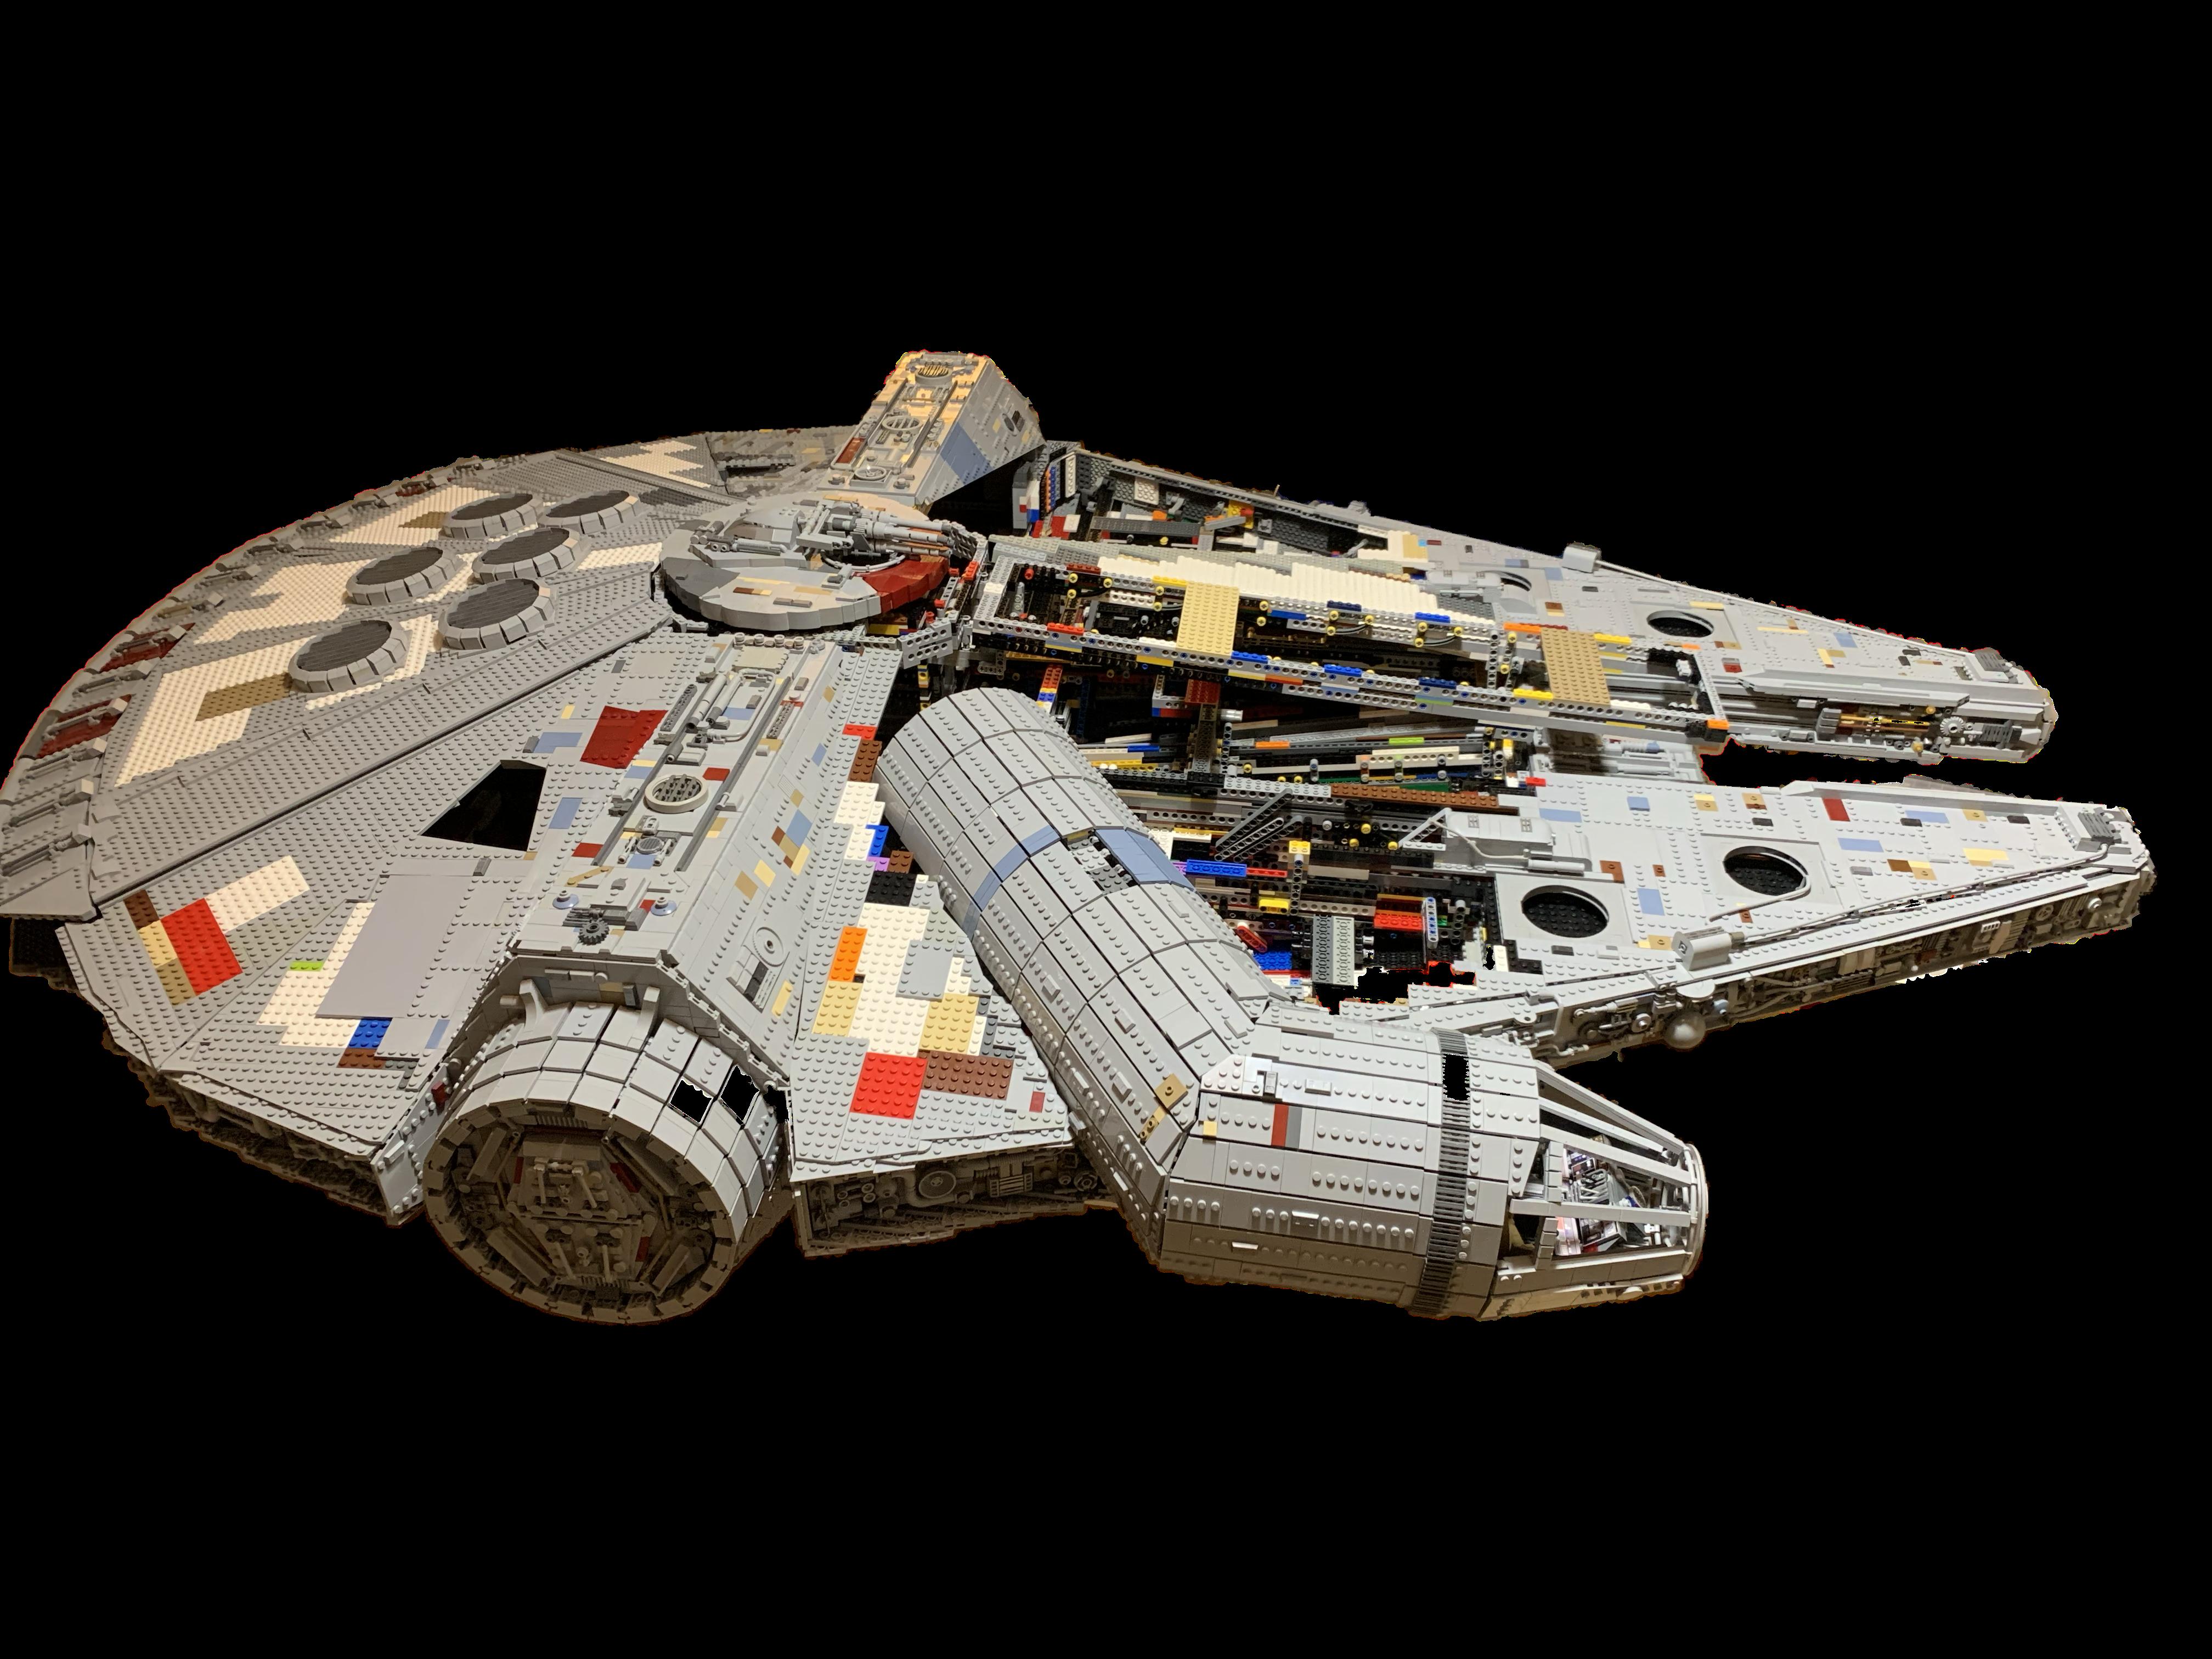 Wip Lego Moc Millennium Falcon